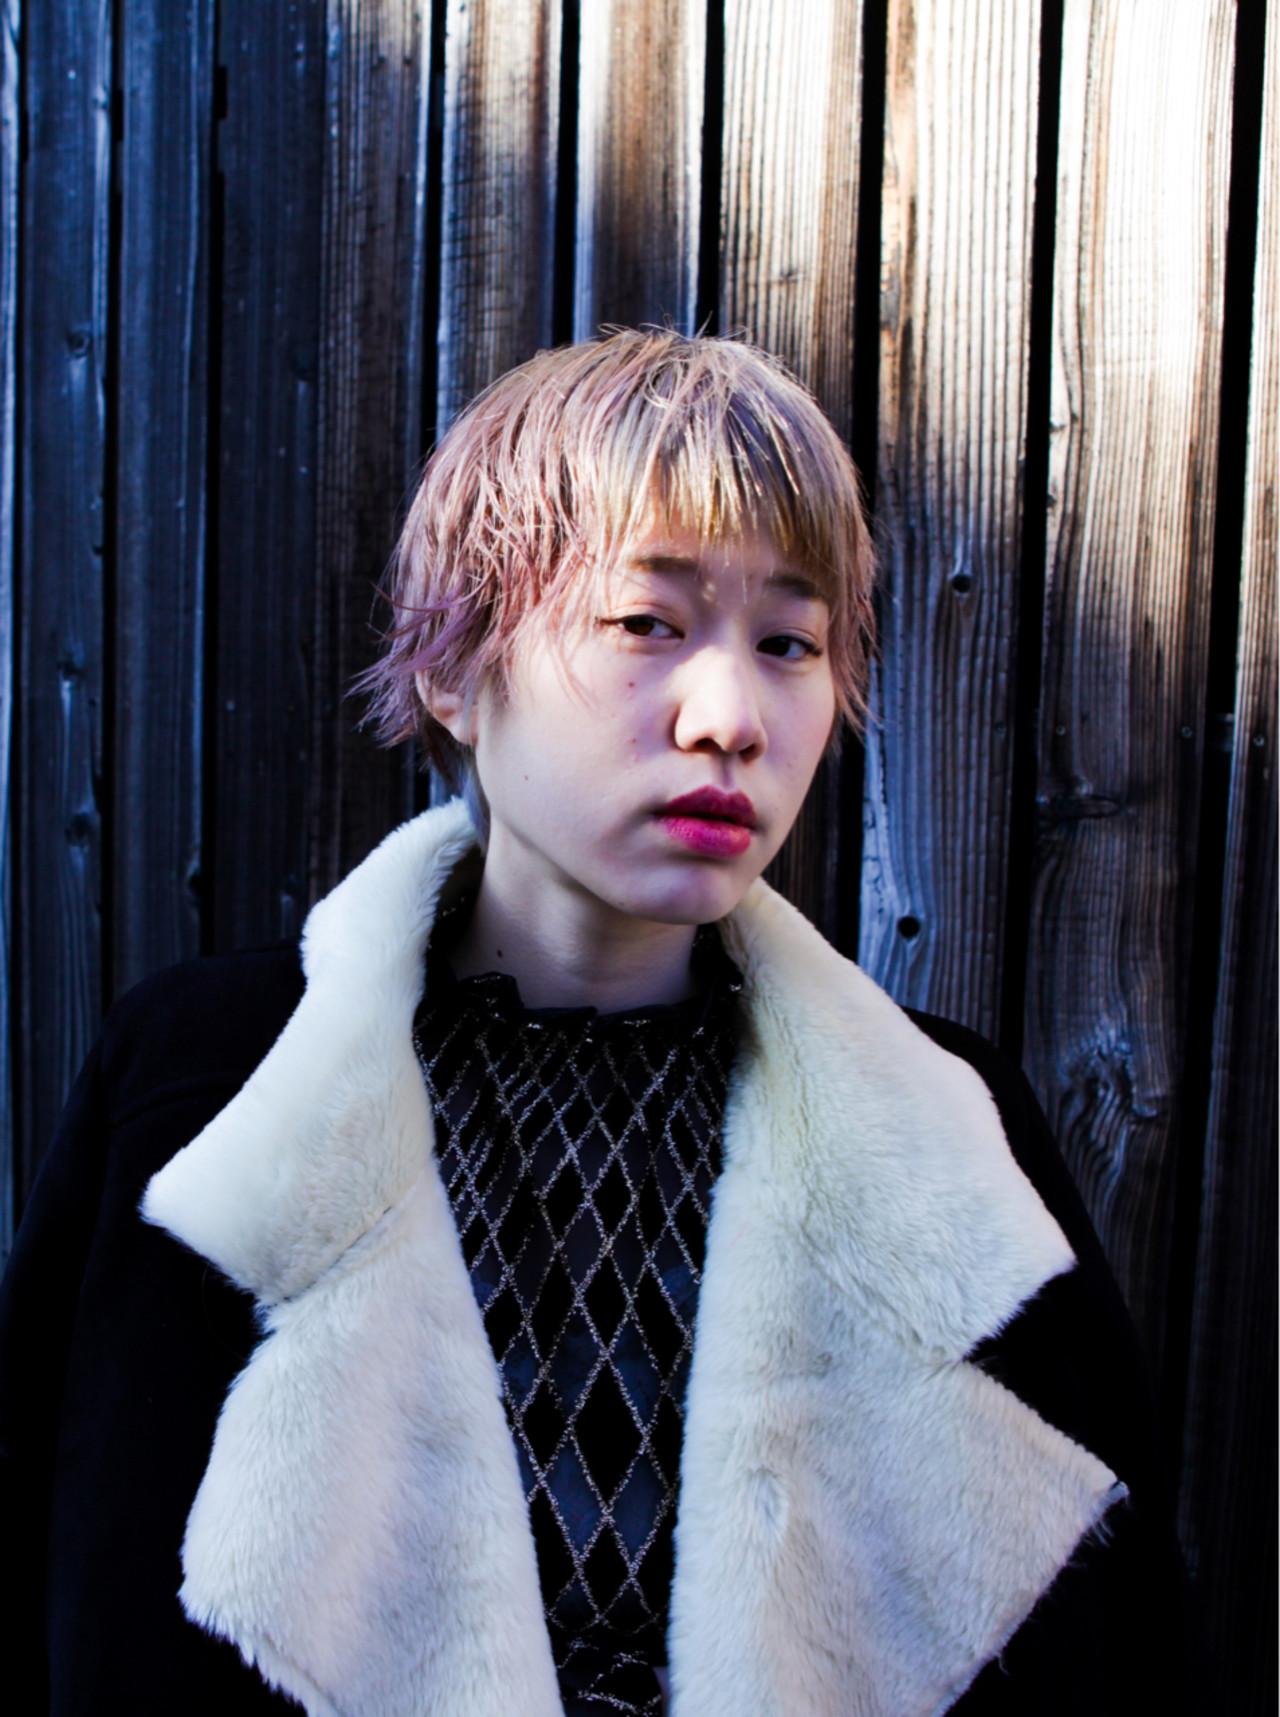 ショート 小顔 くせ毛風 ヘアアレンジ ヘアスタイルや髪型の写真・画像